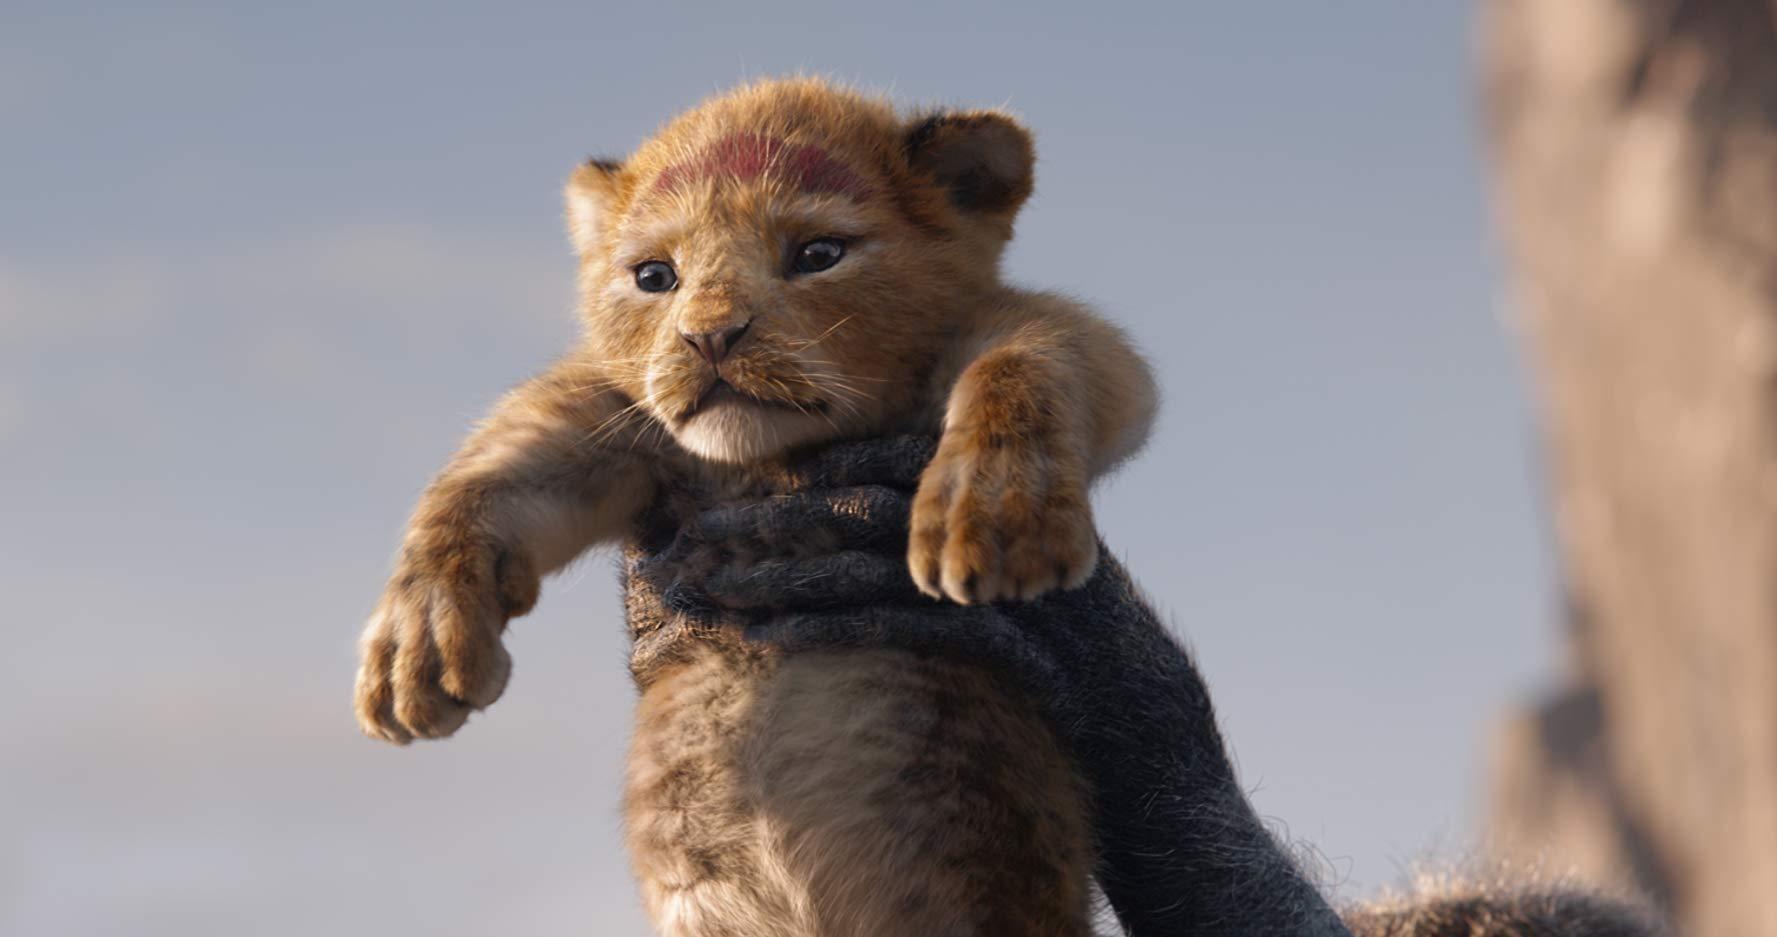 """Va anche detto che il Simba """"realistico"""" mi ricorda la mia gatta, quindi è OK."""